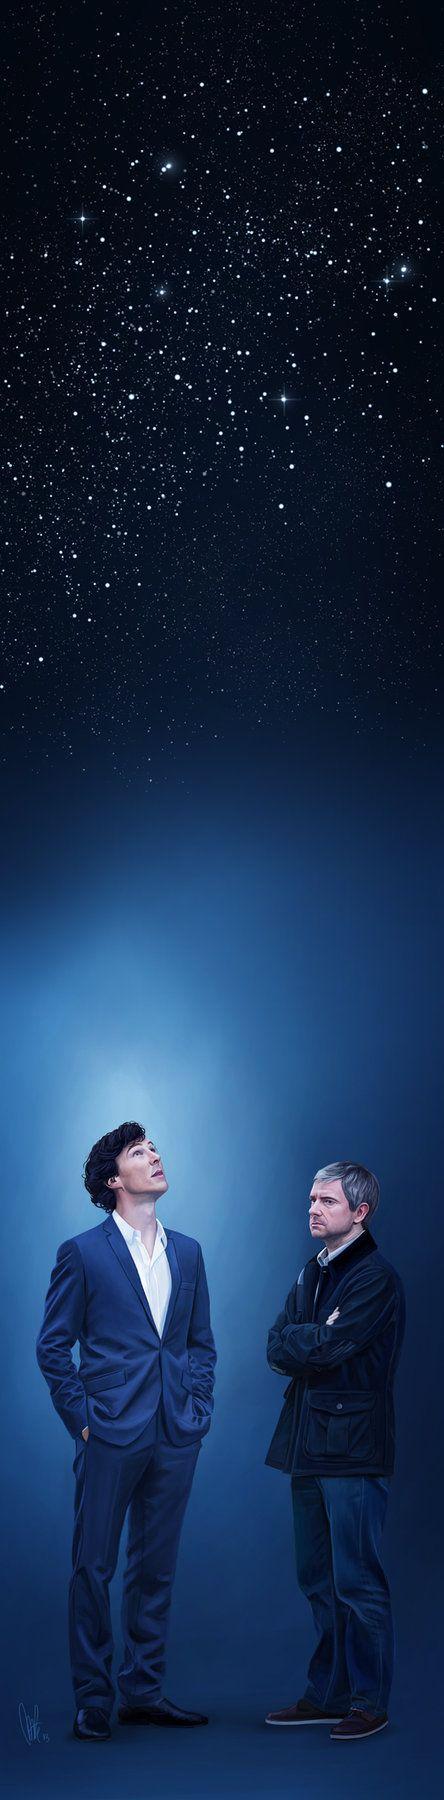 http://tillieke.deviantart.com/art/The-solar-system-Sherlock-397168051 (31 aug 2013)